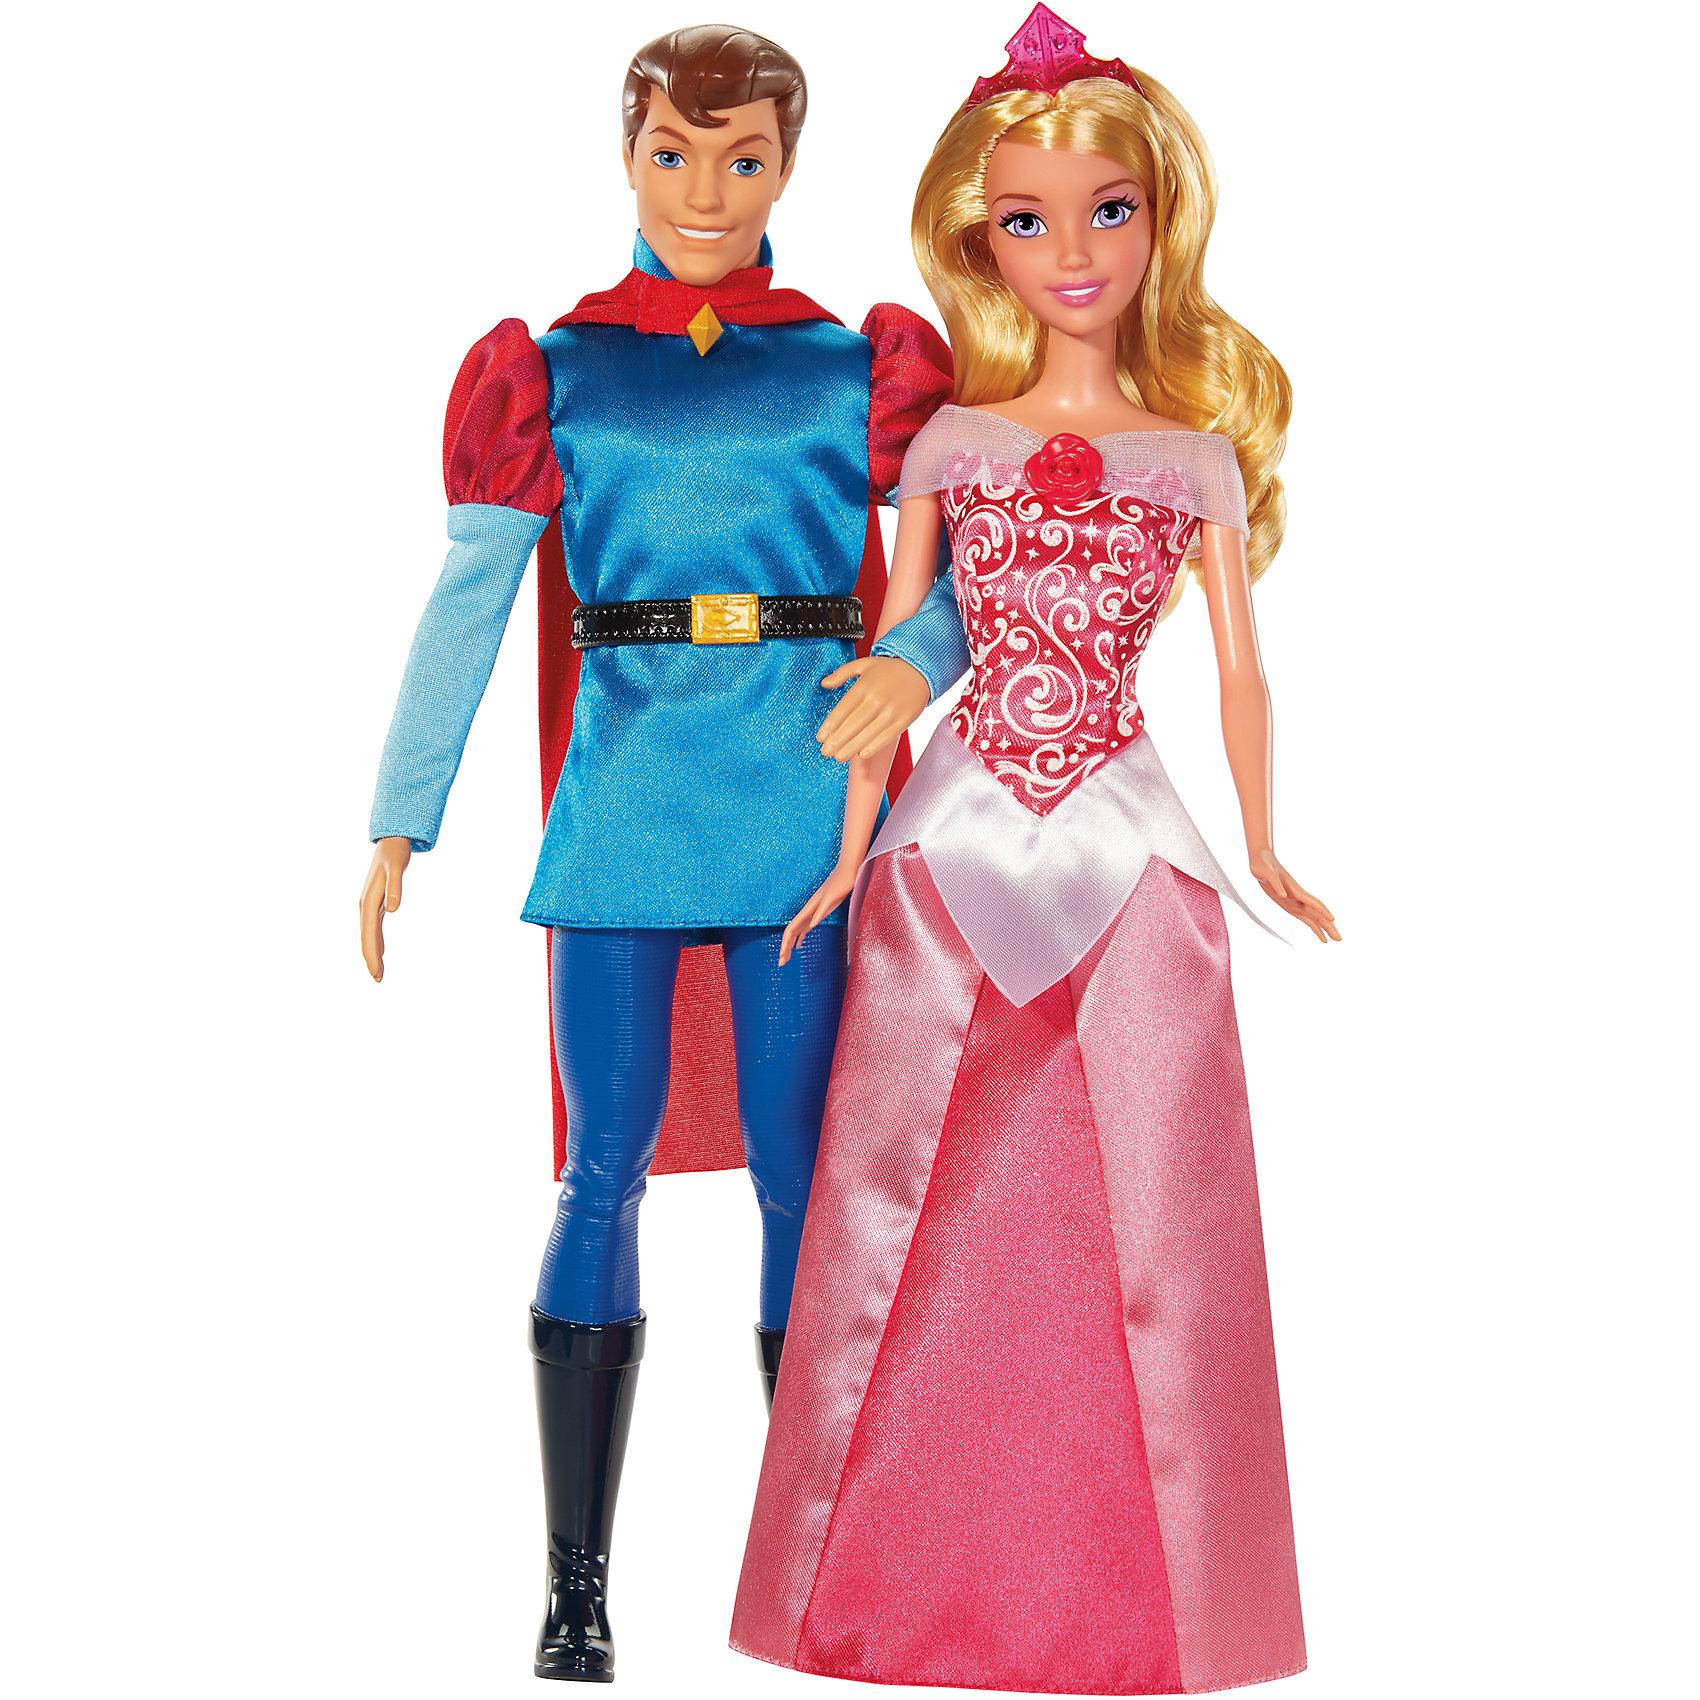 Куклы Спящая Красавица и Принц Филипп, Принцессы ДиснейКукла Спящая красавица и принц Филипп, Disney Princess – это отличный подарок для вашей девочки!<br>Замечательный игровой набор Disney Princess состоит сразу из двух кукол — Спящей Красавицы, также известной как Принцесса Аврора, и ее возлюбленного принца Филиппа. На эту красивую пару так и хочется любоваться, не отводя глаз! У Авроры сияющие желтые волосы, на которые надета розовая диадема. На ней розовое атласное платье с изящными деталями. Принц одет в сине-голубую средневековую одежду, а за его плечами развевается красный плащ. У Филиппа волосы уложены в модную прическу, которую нельзя изменить (волосы литые, вместе с головой). Куклы очень хорошо детализированы. На их лицах — милые улыбки, глаза сияют прорисованными бликами света. С набором из двух кукол ваша малышка сможет проигрывать любимый сюжет сказки «Спящая Красавица», устраивать кукольные балы и всячески развивать свою фантазию.<br><br>Дополнительная информация:<br><br>- В наборе: 2 куклы (принцесса и принц)<br>- Высота куклы: 30 см.<br>- Материал: высококачественный пластик<br>- Размер упаковки: 120x60x320 мм.<br>- Вес: 530 гр.<br><br>Куклу Спящая красавица и принца Филиппа, Disney Princess можно купить в нашем интернет-магазине.<br><br>Ширина мм: 120<br>Глубина мм: 60<br>Высота мм: 320<br>Вес г: 530<br>Возраст от месяцев: 36<br>Возраст до месяцев: 108<br>Пол: Женский<br>Возраст: Детский<br>SKU: 4061251